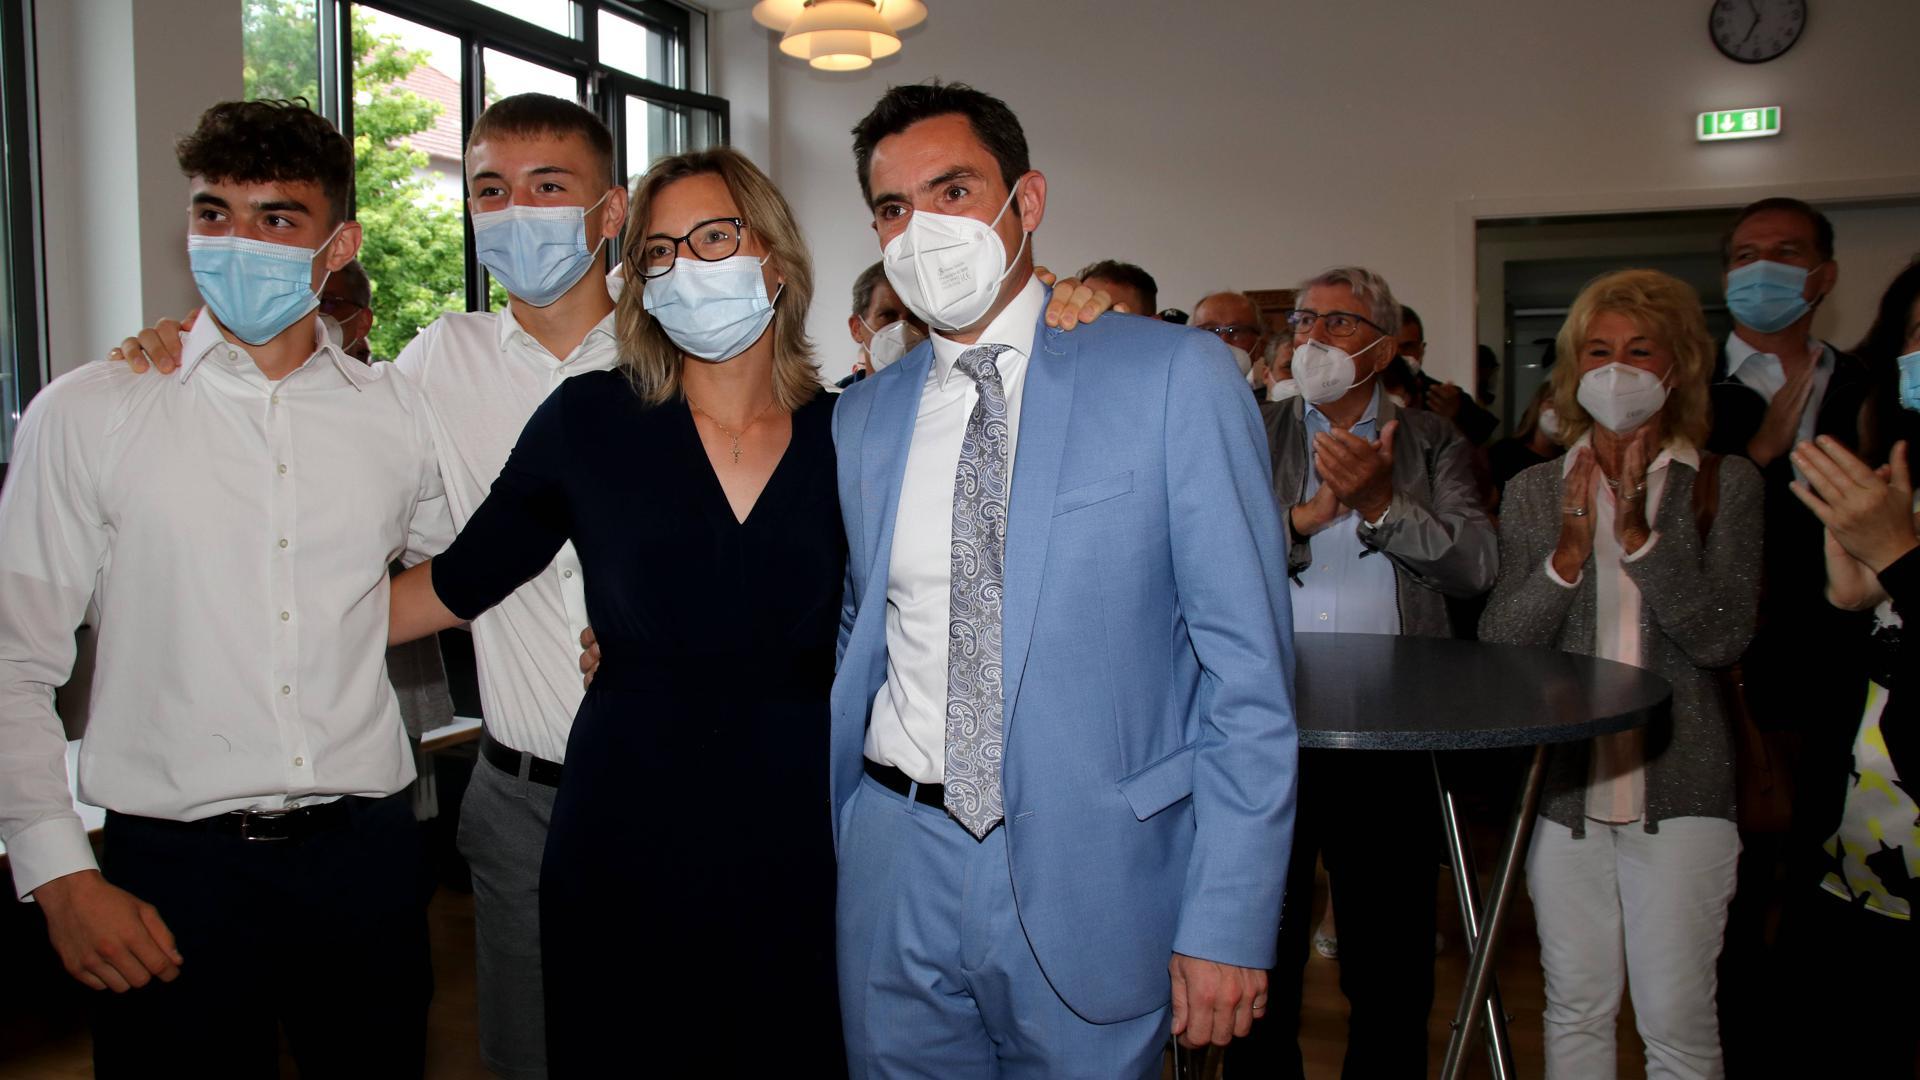 Erleichterung und Freude nach dem Wahlsieg: Als feststand, dass Steffen Bochinger mit fast 60 Prozent wieder zum Bürgermeister von Keltern gewählt wurde, feierte er mit seiner Frau Sandra und seinen beiden Söhnen Patrice (links) und Silas – zunächst im Rathaus, dann zuhause in Stein.